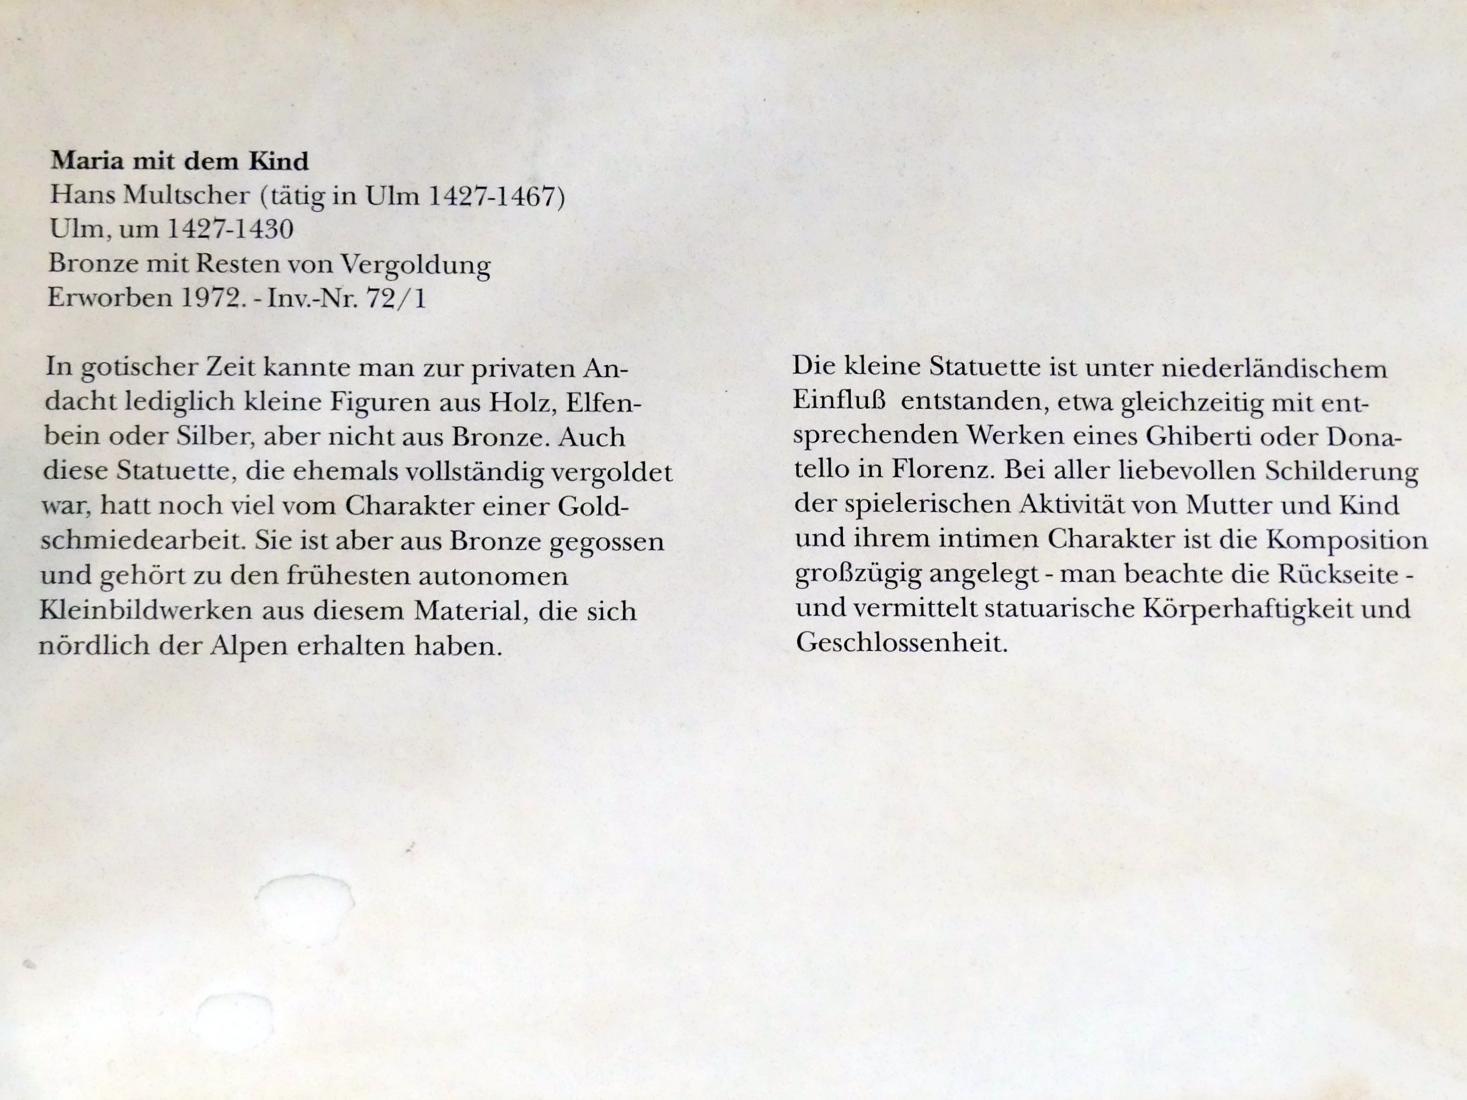 Hans Multscher: Maria mit dem Kind, Um 1427 - 1430